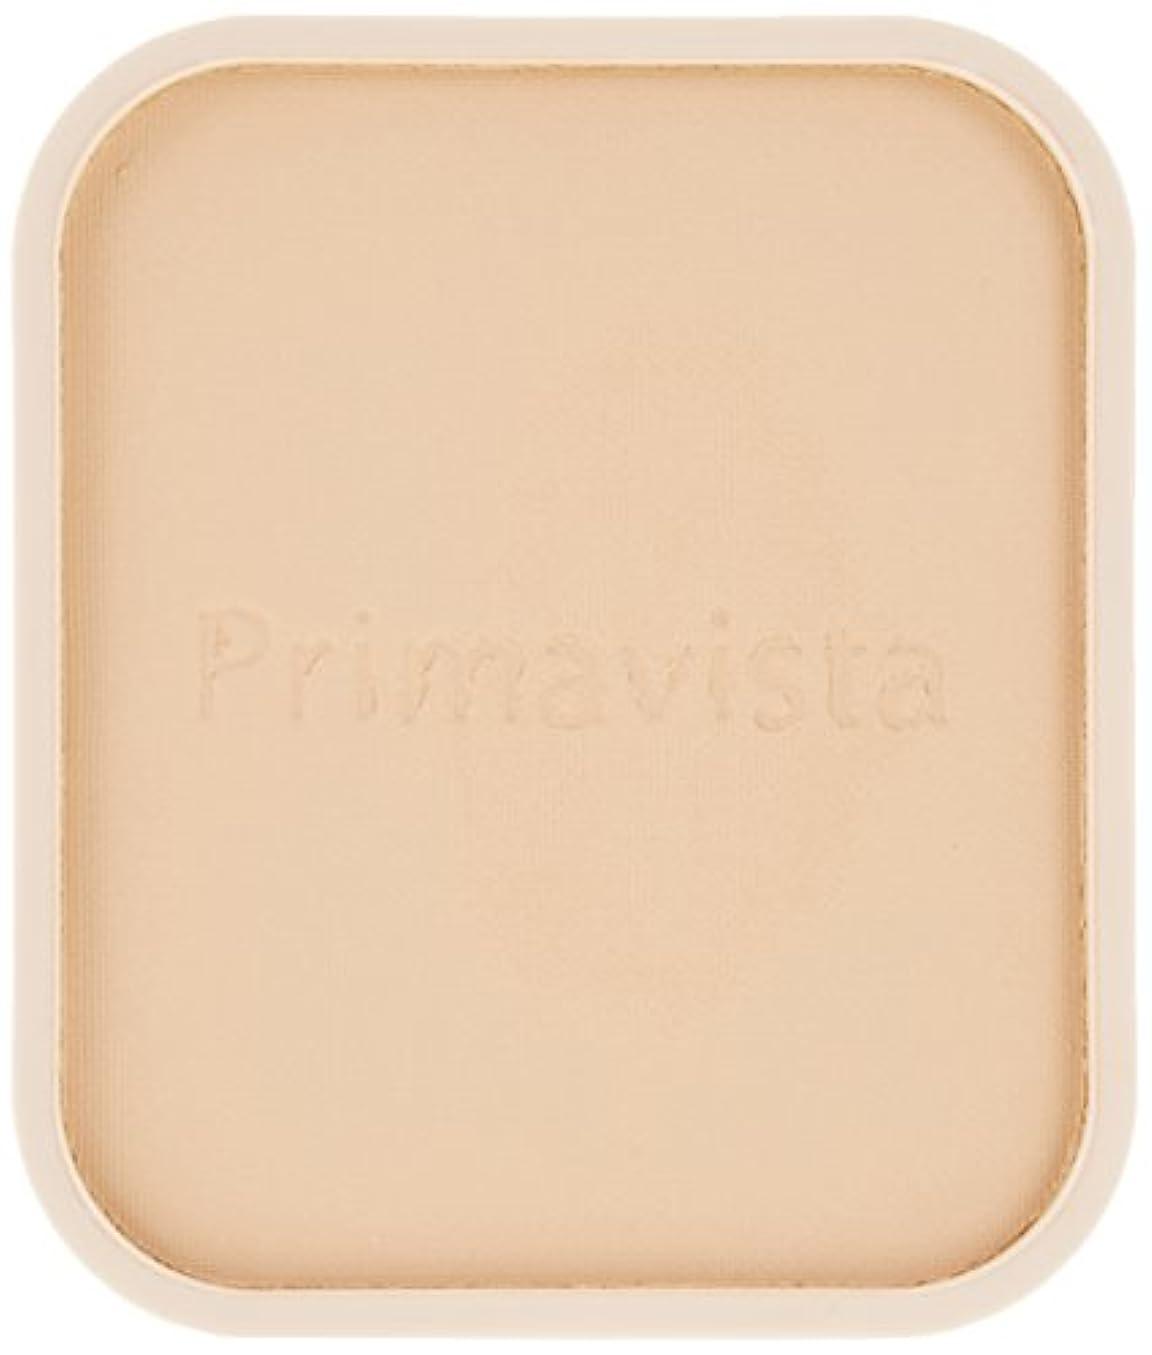 内向き拡張酒ソフィーナ プリマヴィスタ くずれにくい 化粧のり実感パウダーファンデーションUV ベージュオークル03 レフィル